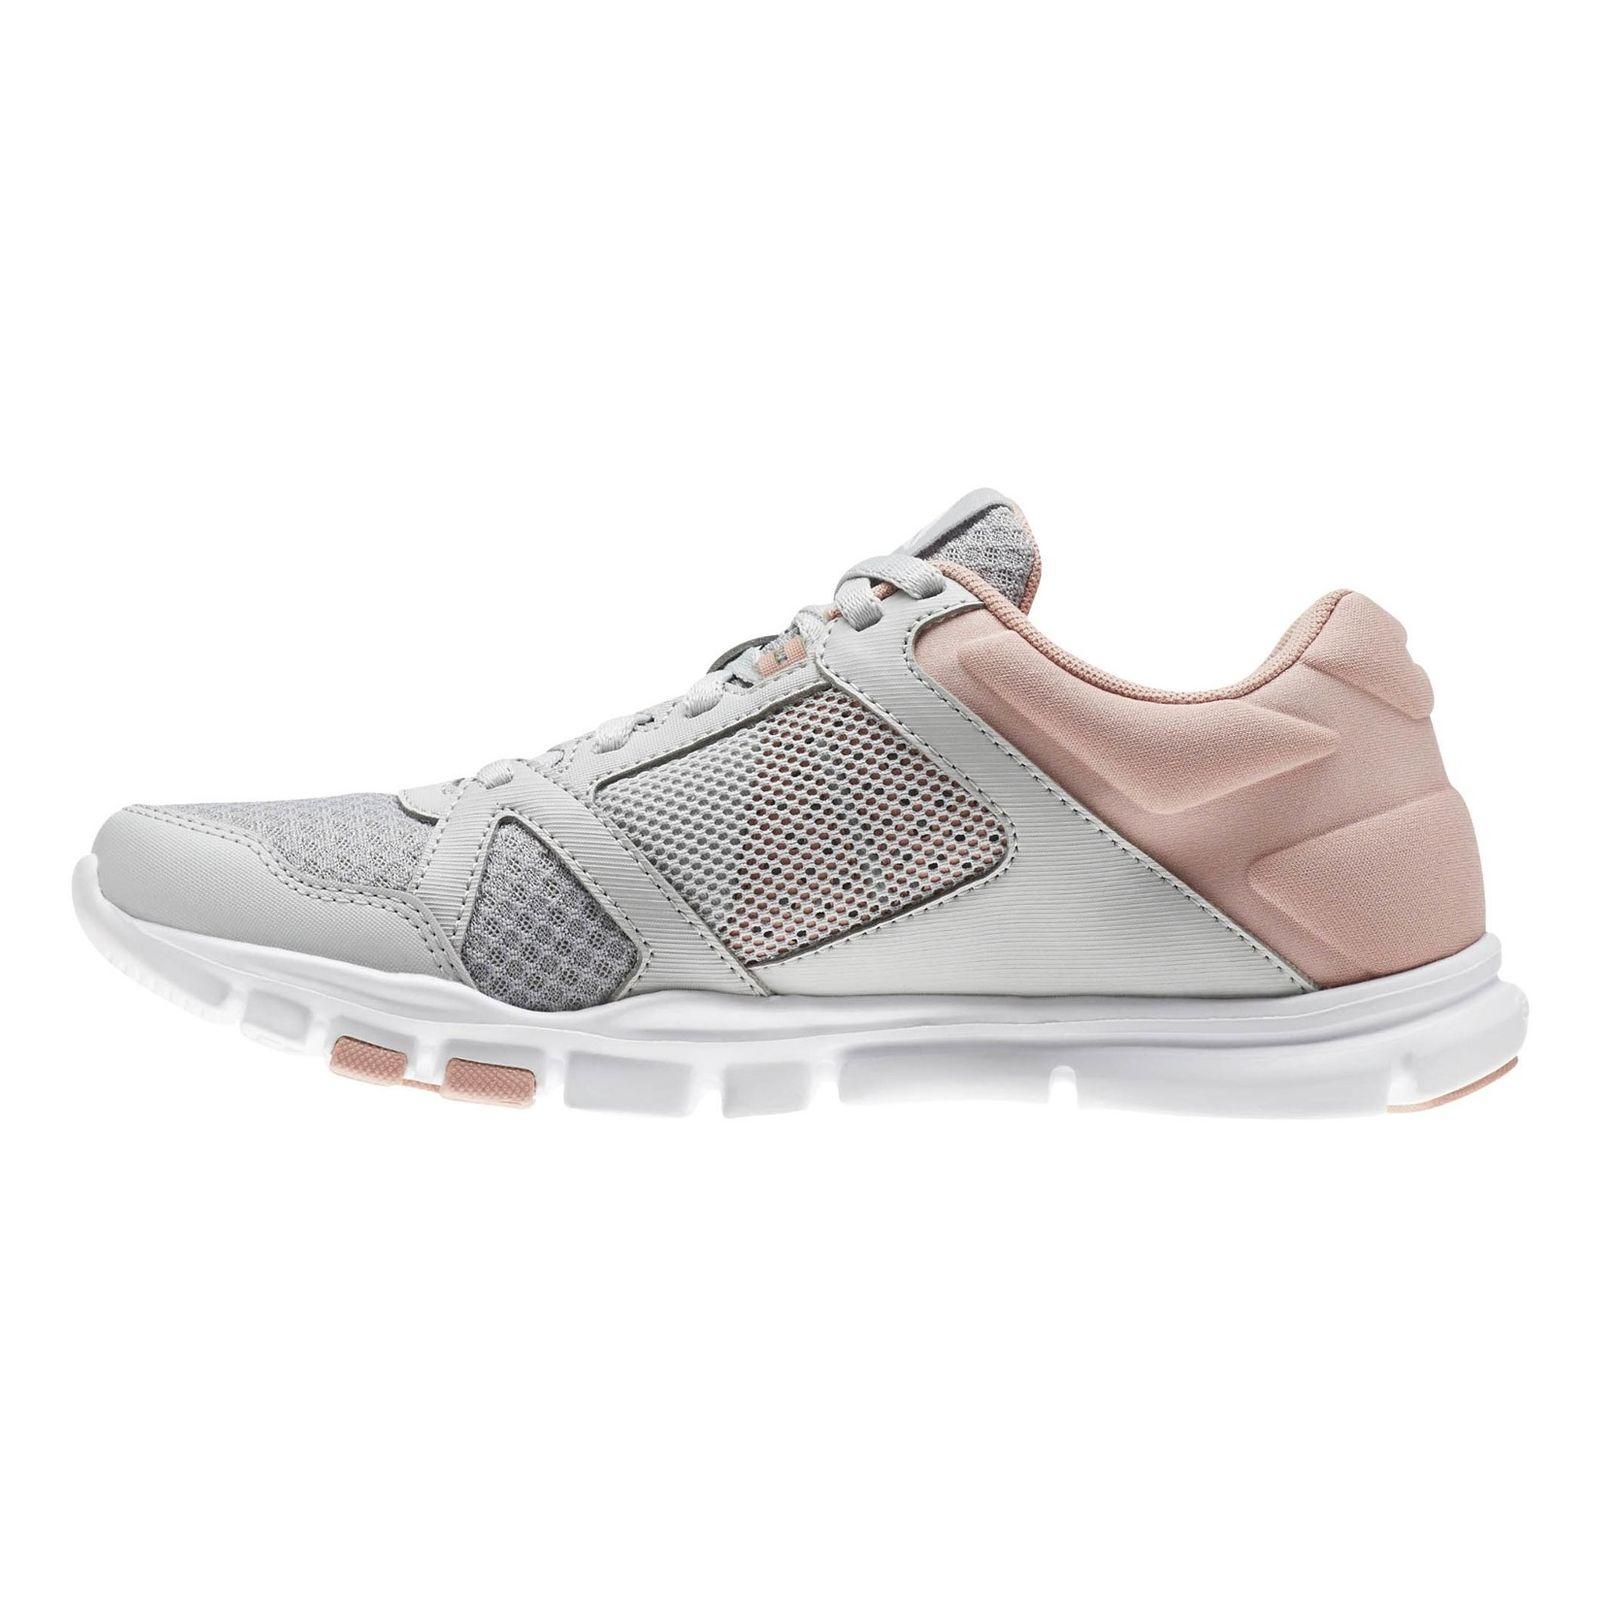 کفش تمرین زنانه ریباک مدل Yourflex Trainette 10 MT - طوسي و صورتي - 3